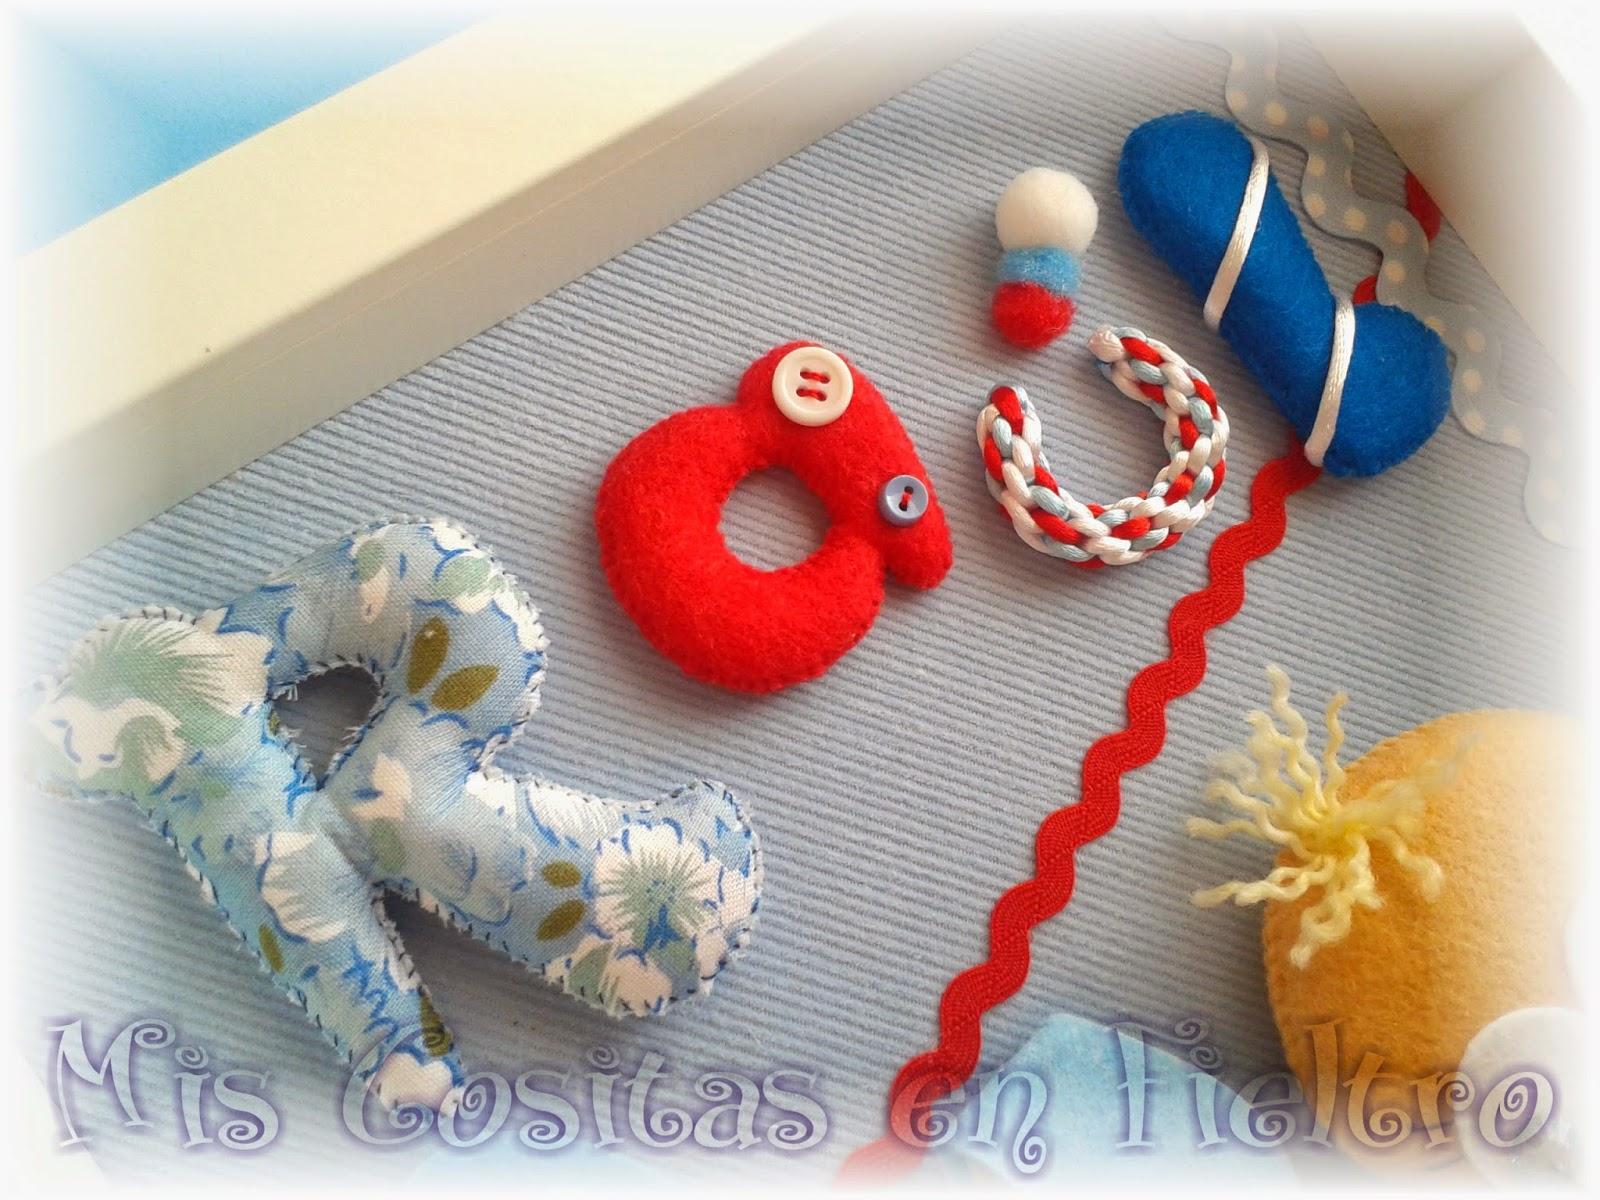 Mis Cositas en Fieltro. Productos artesanales elaborados en fieltro ...